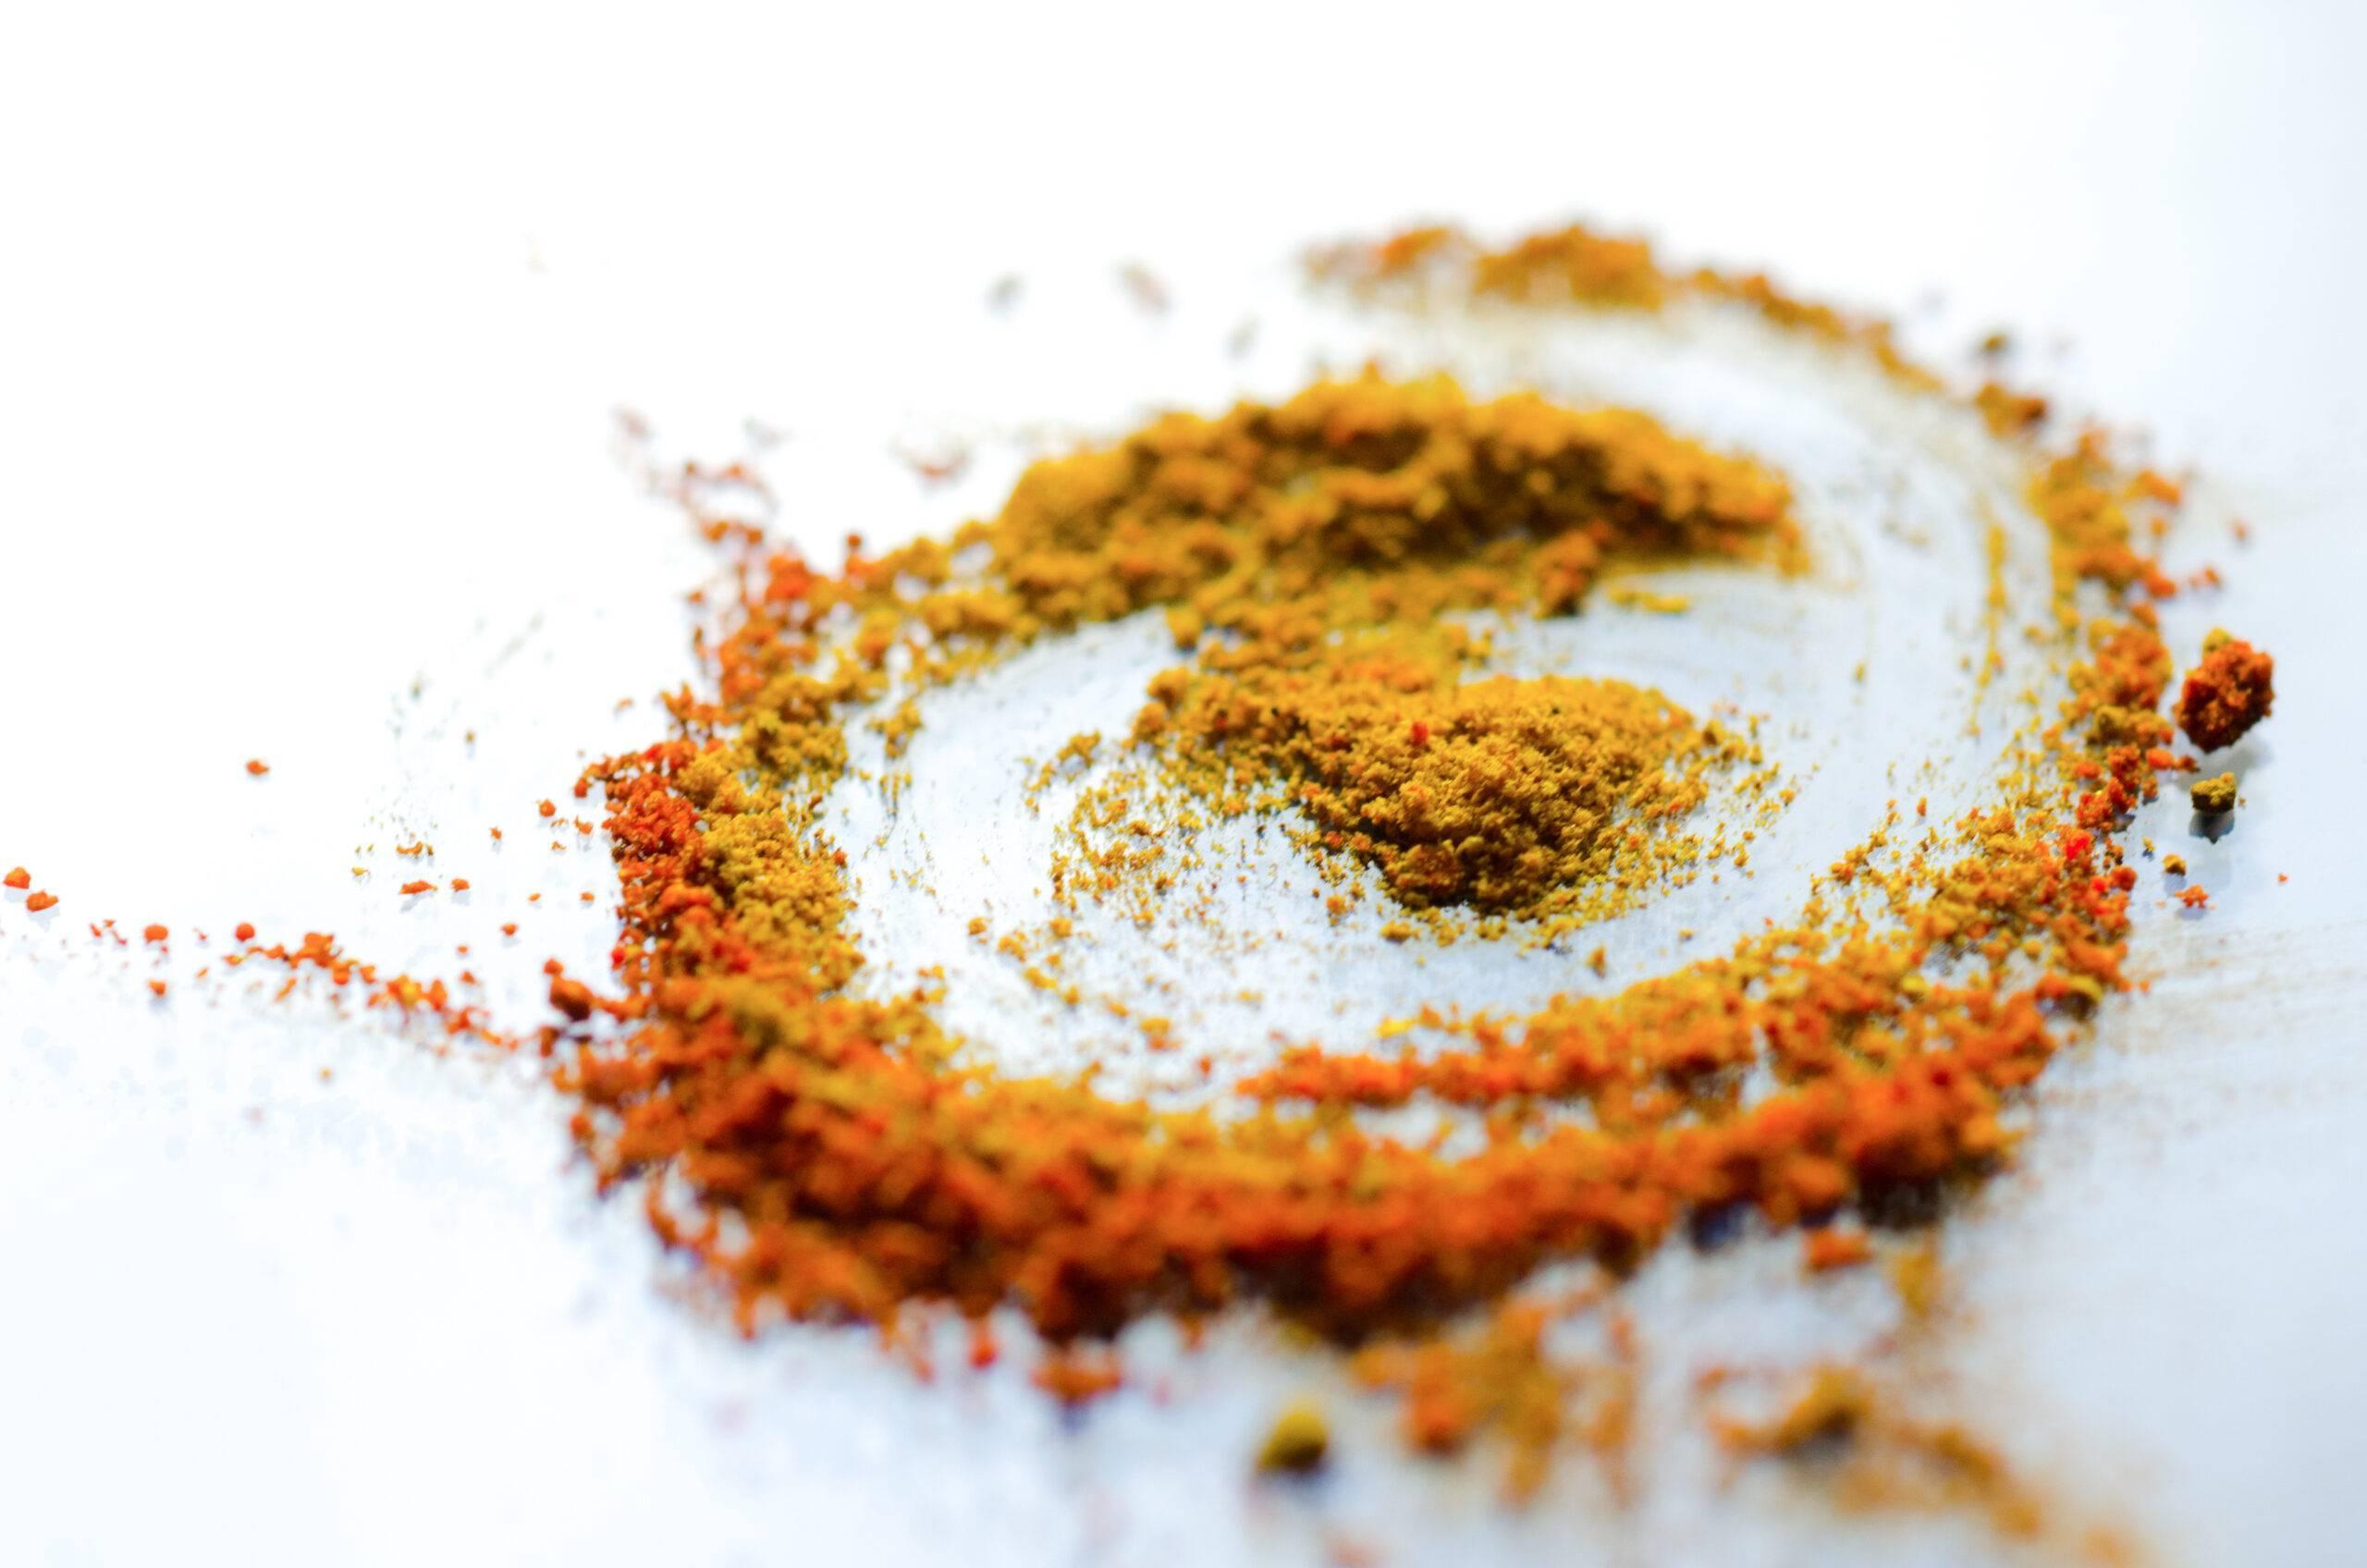 Ilprofumo del Curry